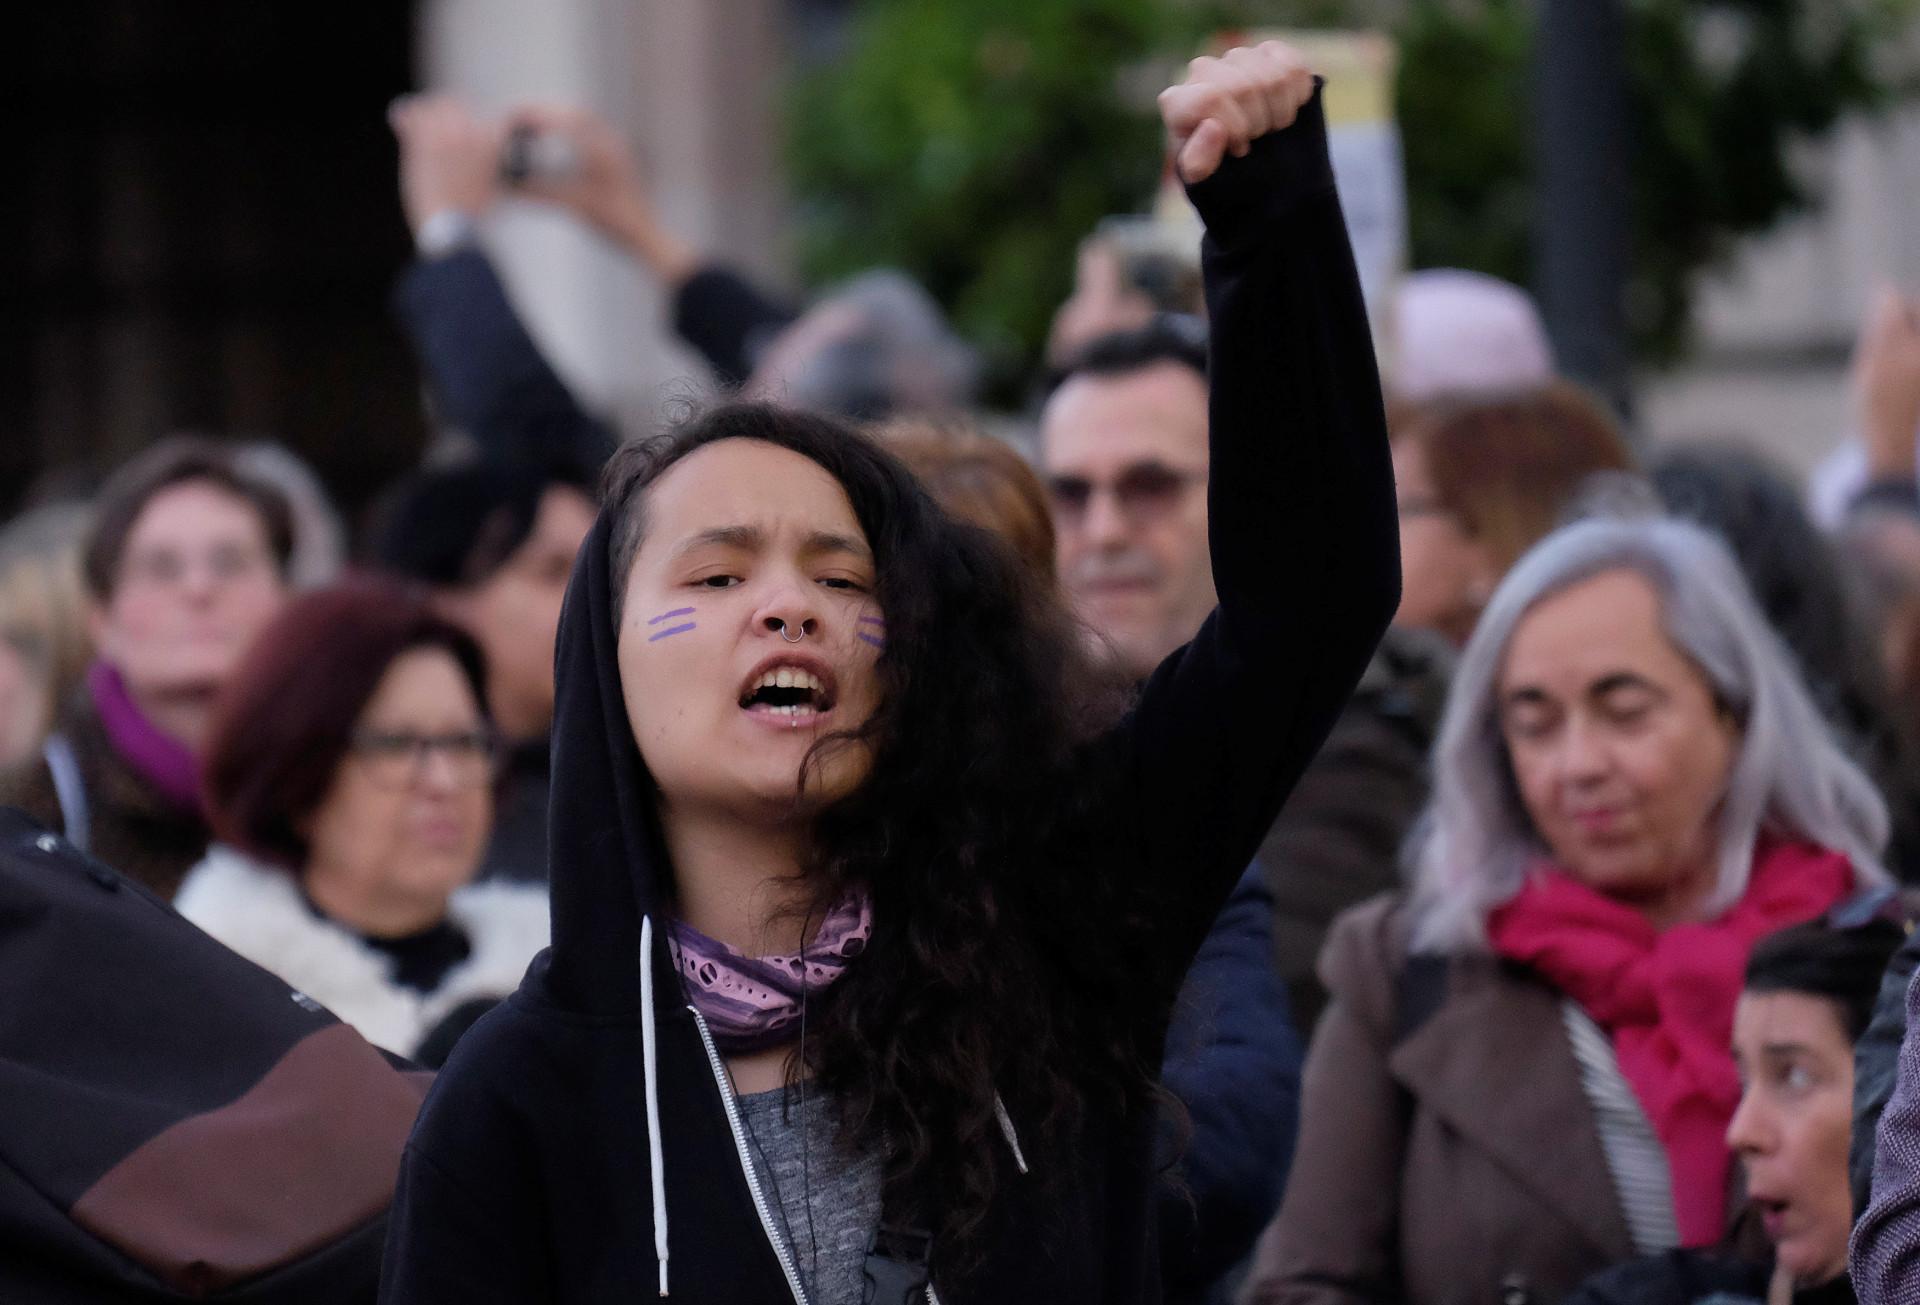 Mulheres em marcha sem precedentes em Espanha pela igualdade